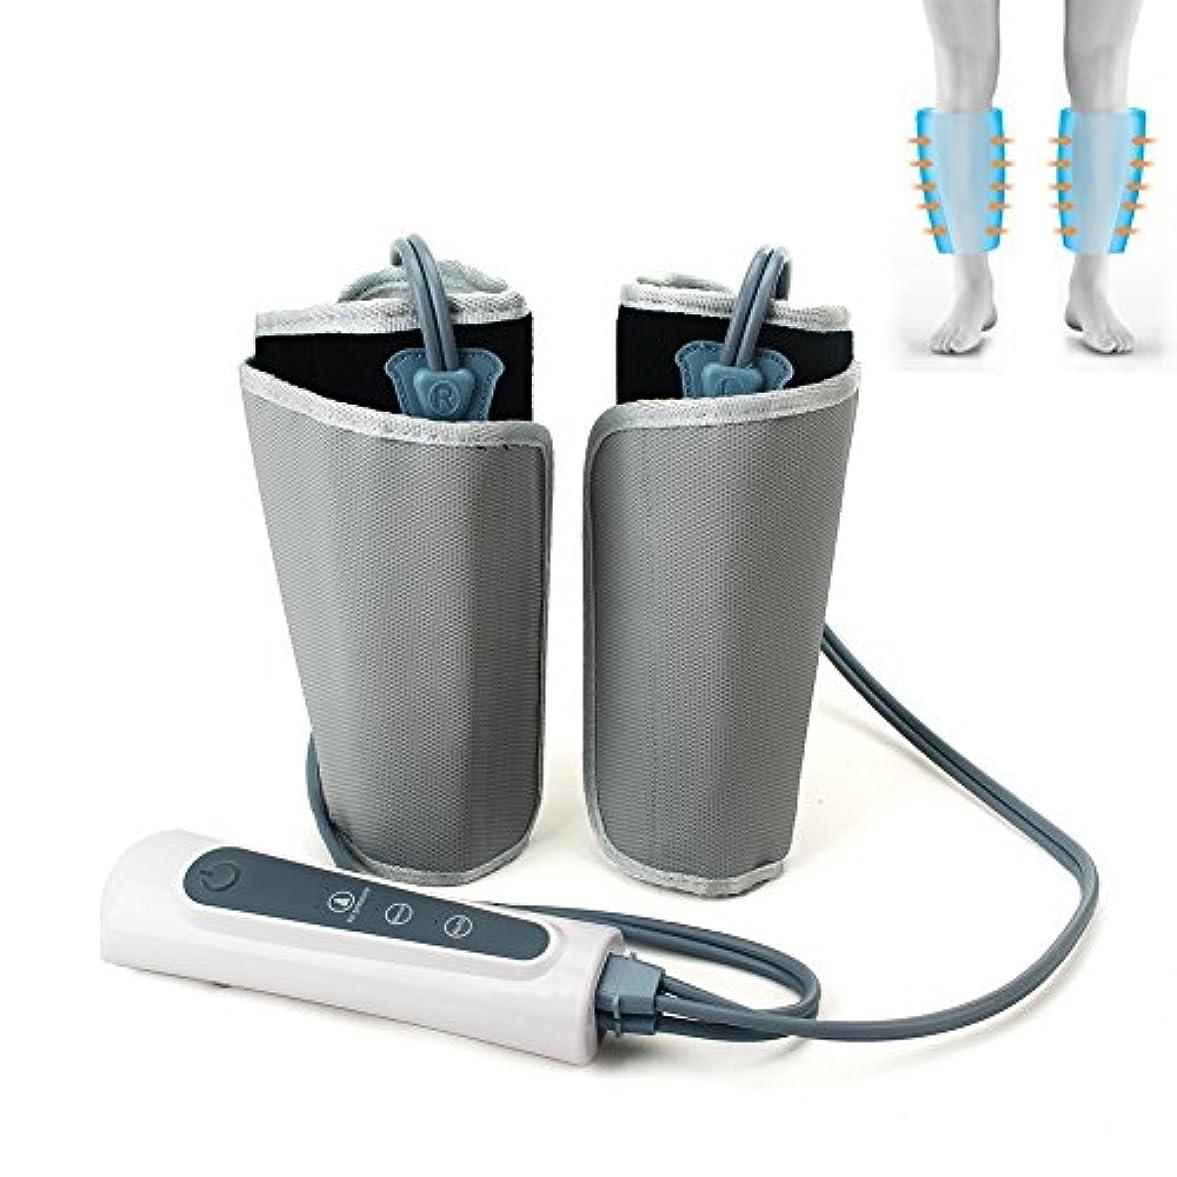 息切れズームインする減らすRanBow エアーマッサージャ 3D 四肢 腰 二の腕 腕 太もも レッグ ふくらはぎ 脚 フット 気圧 エア あんま 自動モード 手動モード 3階段のレベル 家庭用 充電式 人気 器具 マッサージ 機 器 マッサージャー 黒